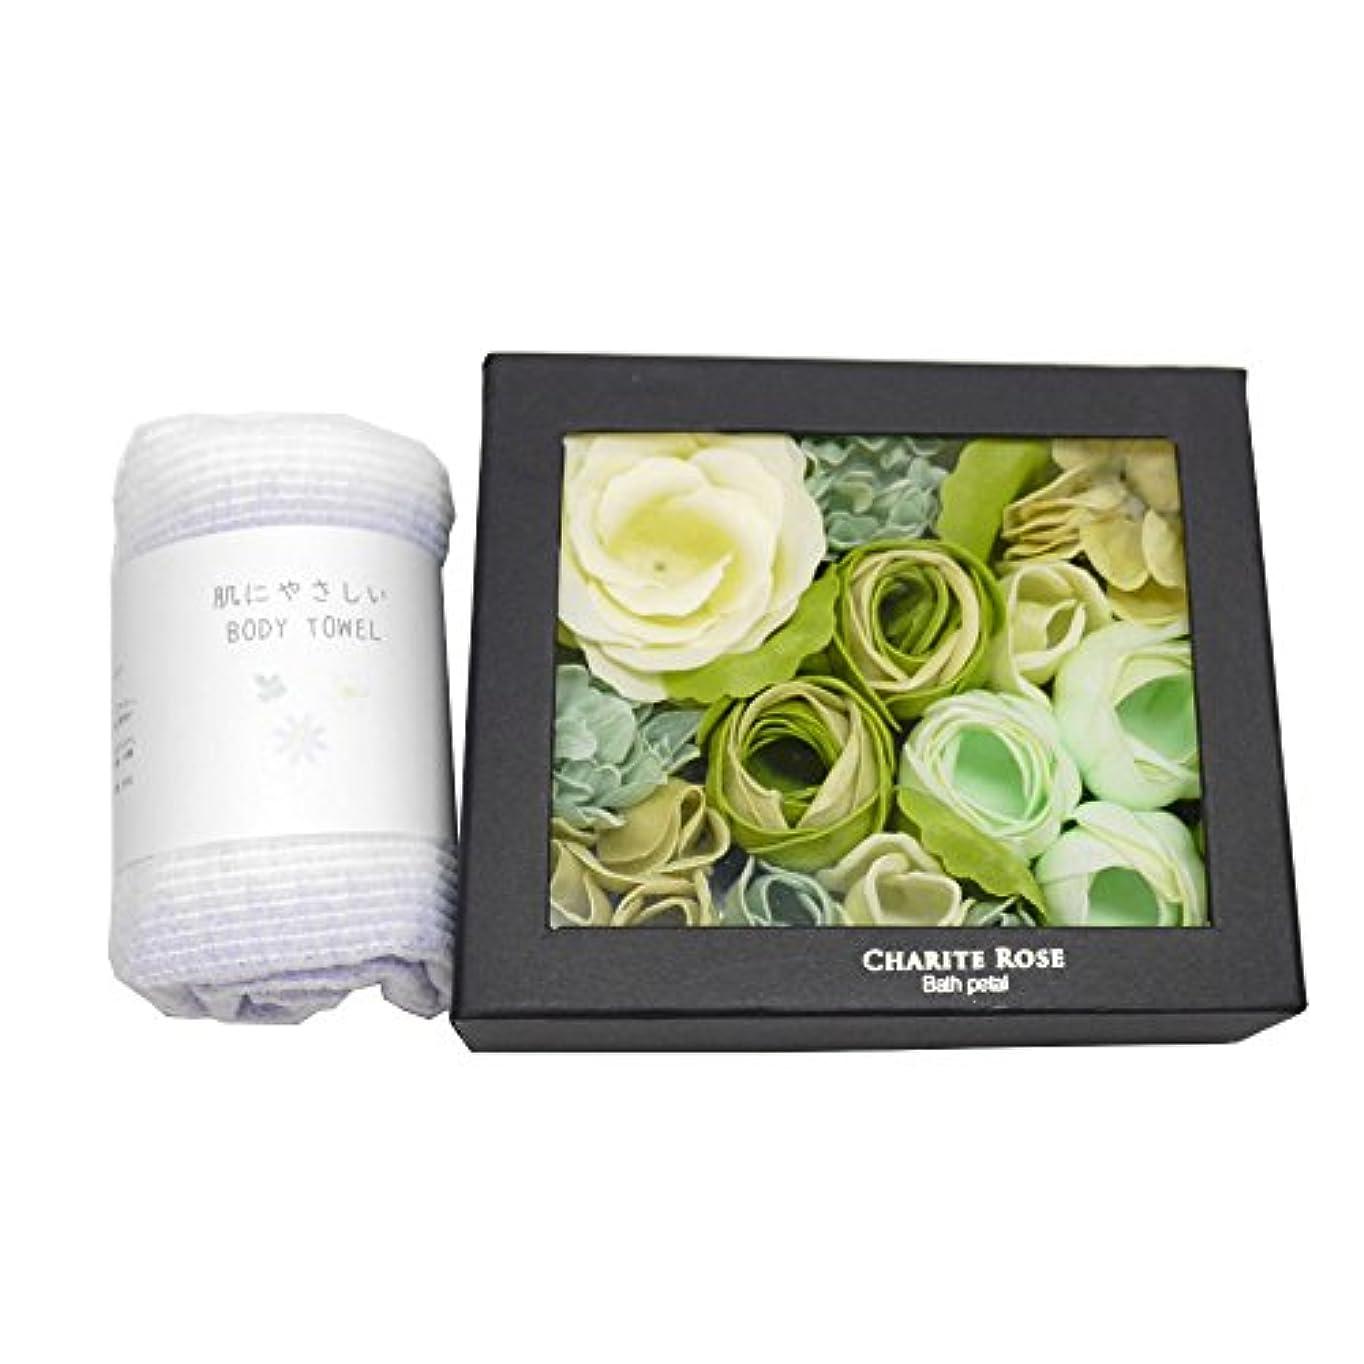 注目すべき海洋トロリーローズ バスペタル タイディローズ グリーン 緑 ボディタオル セット/バラ お花 入浴剤 母の日 お祝い 記念日 贈り物 プレゼント